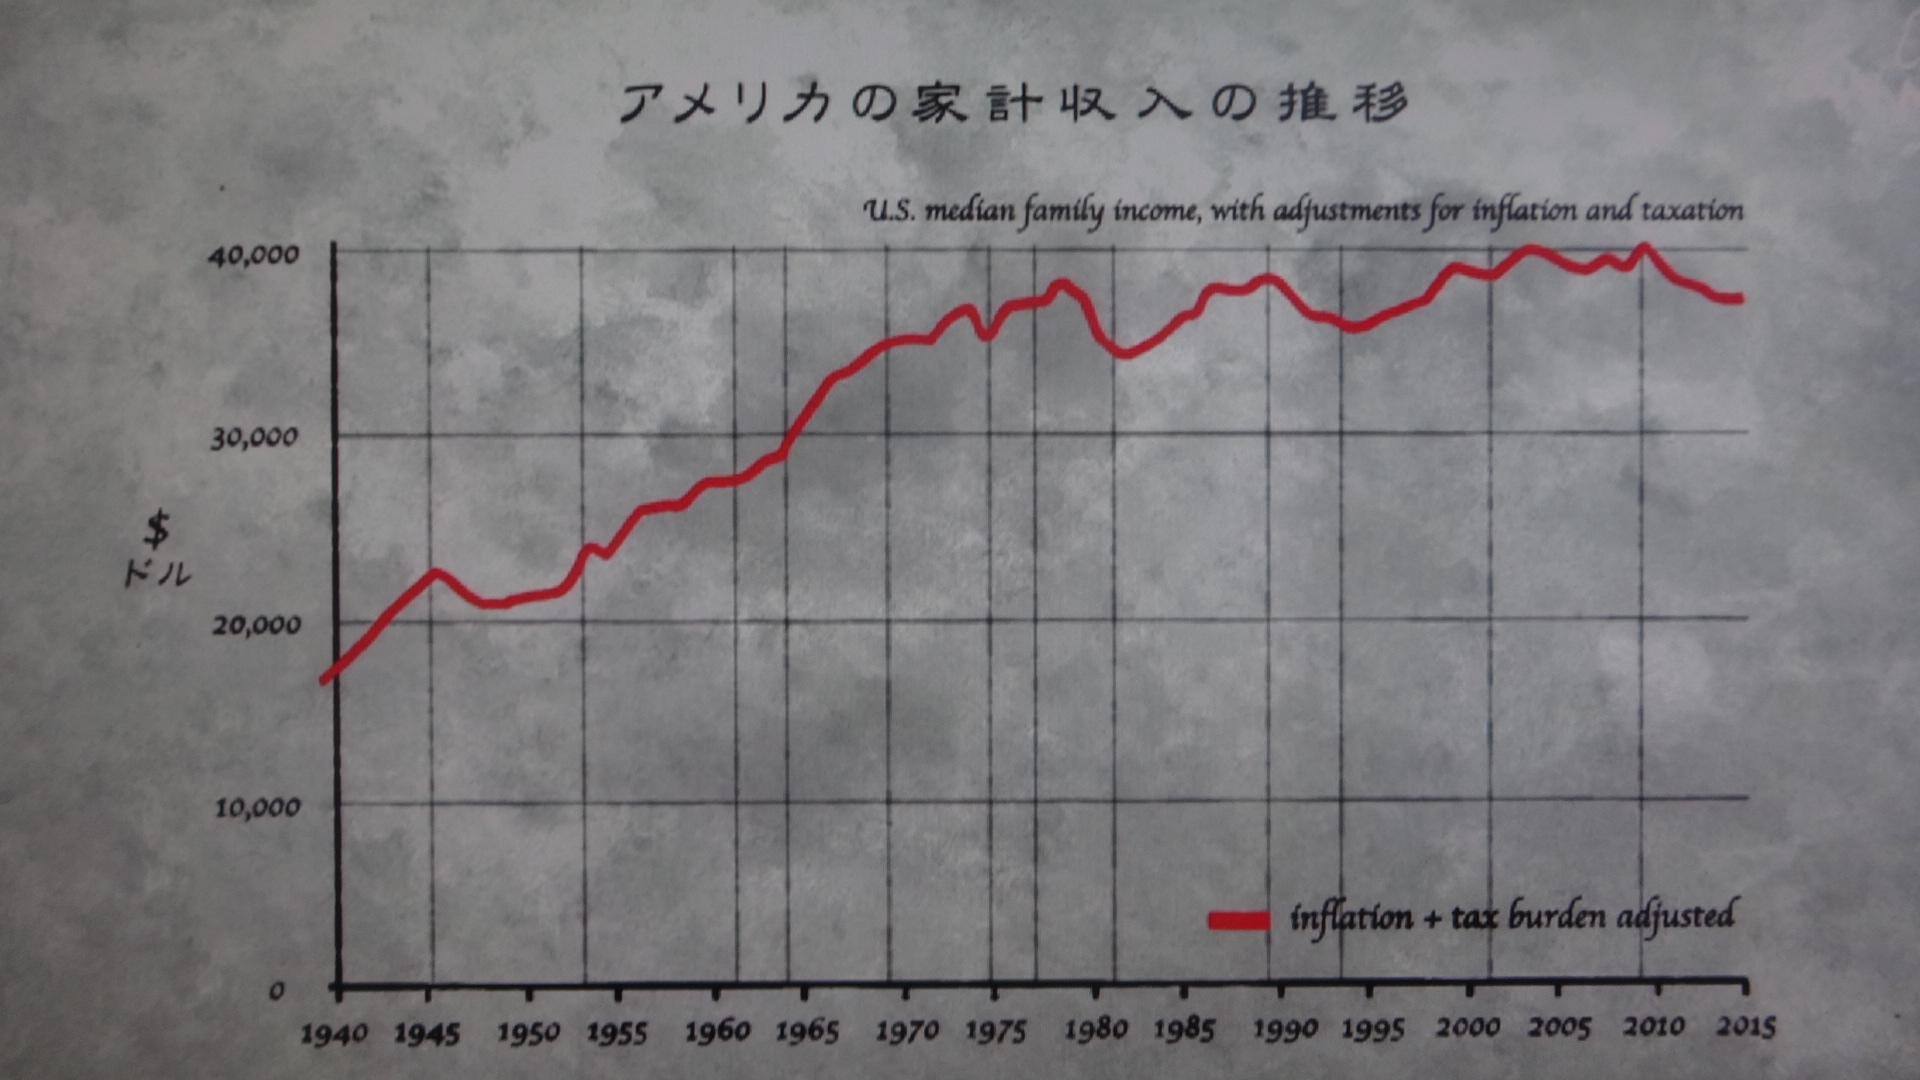 実質賃金が増えていないことを示すグラフ